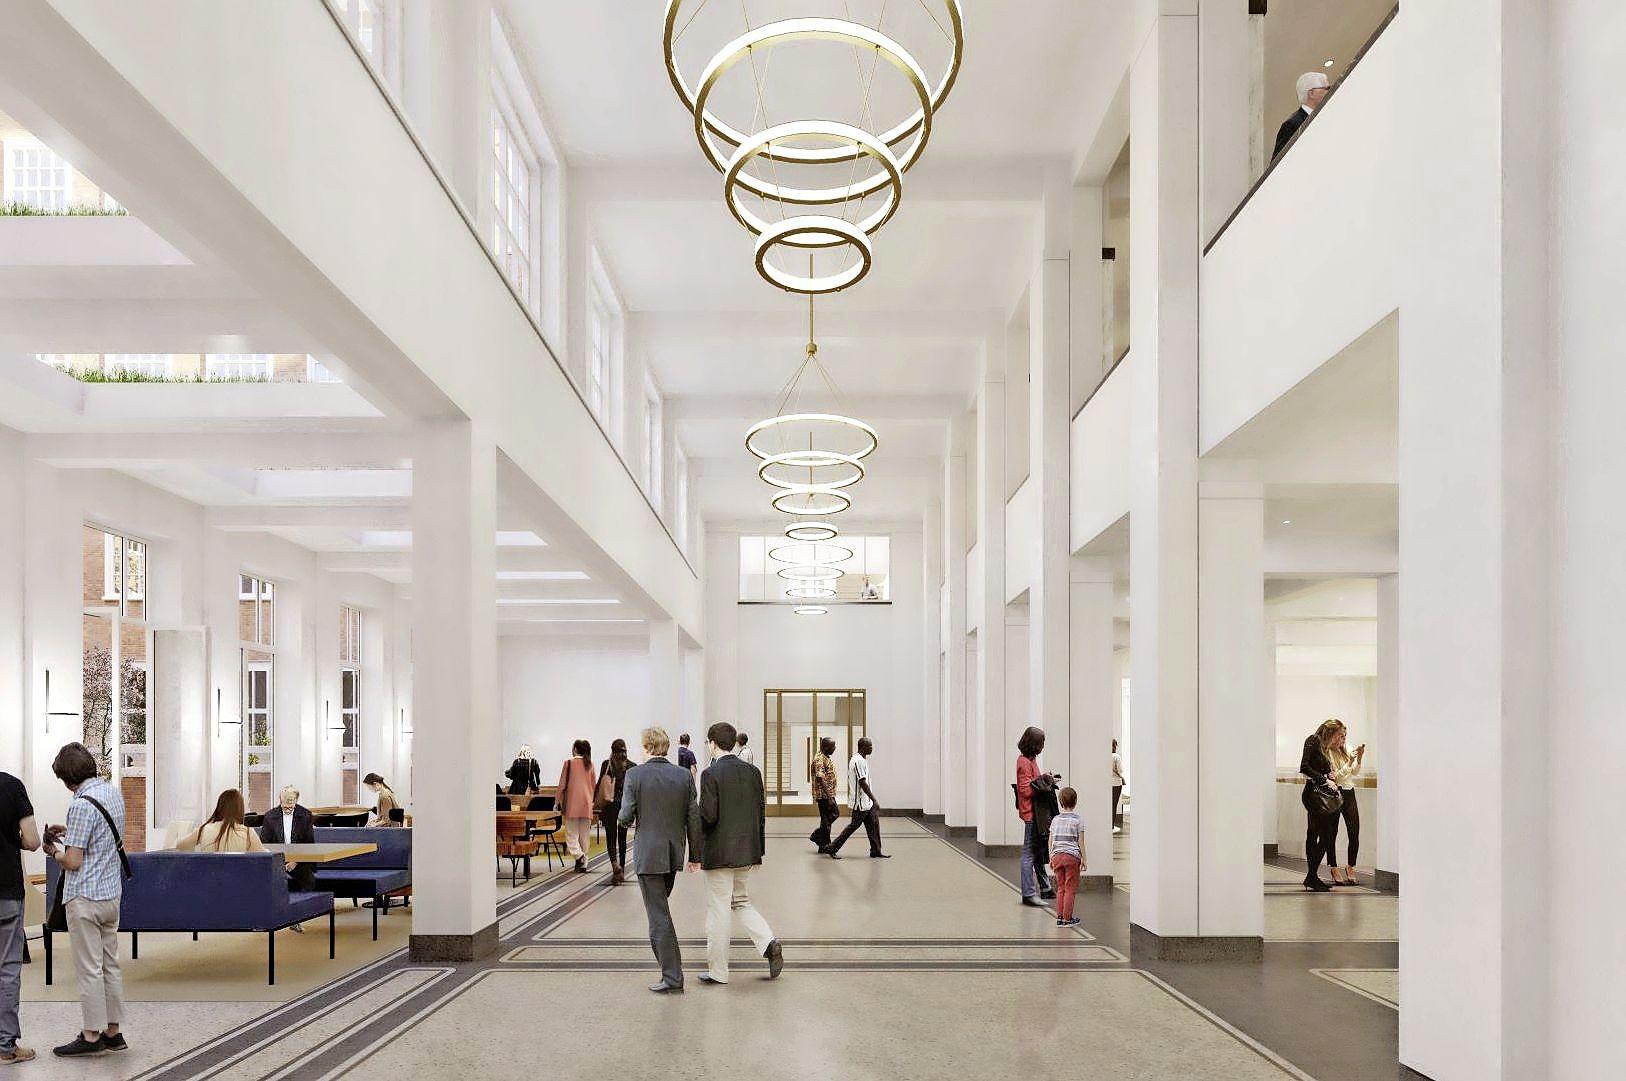 Verbouwing stadhuis Leiden loopt vertraging op